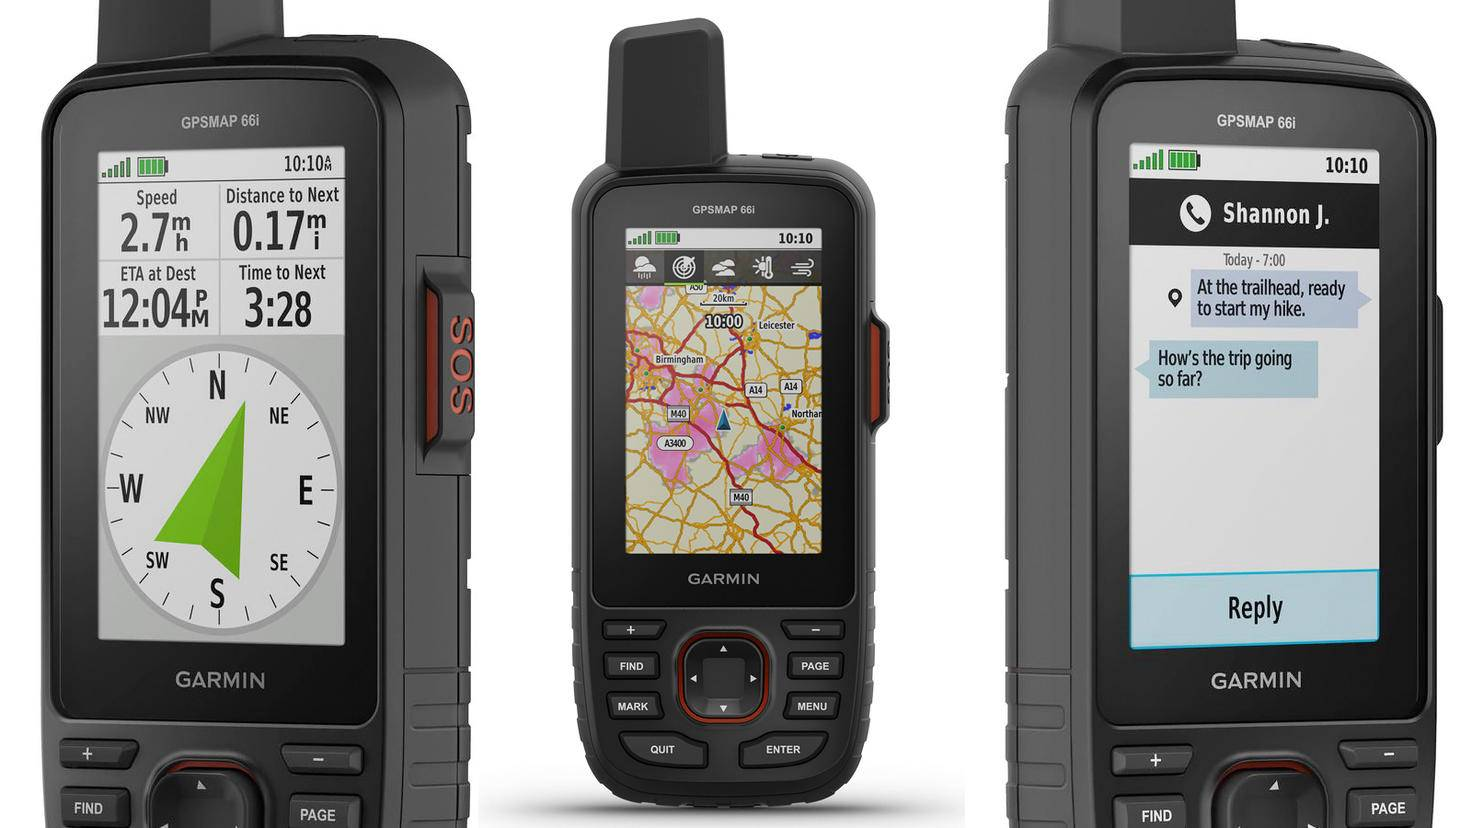 Kompass, Kartennavigation und Zwei-Wege-Kommunikation gehören zu den Features des 66i.